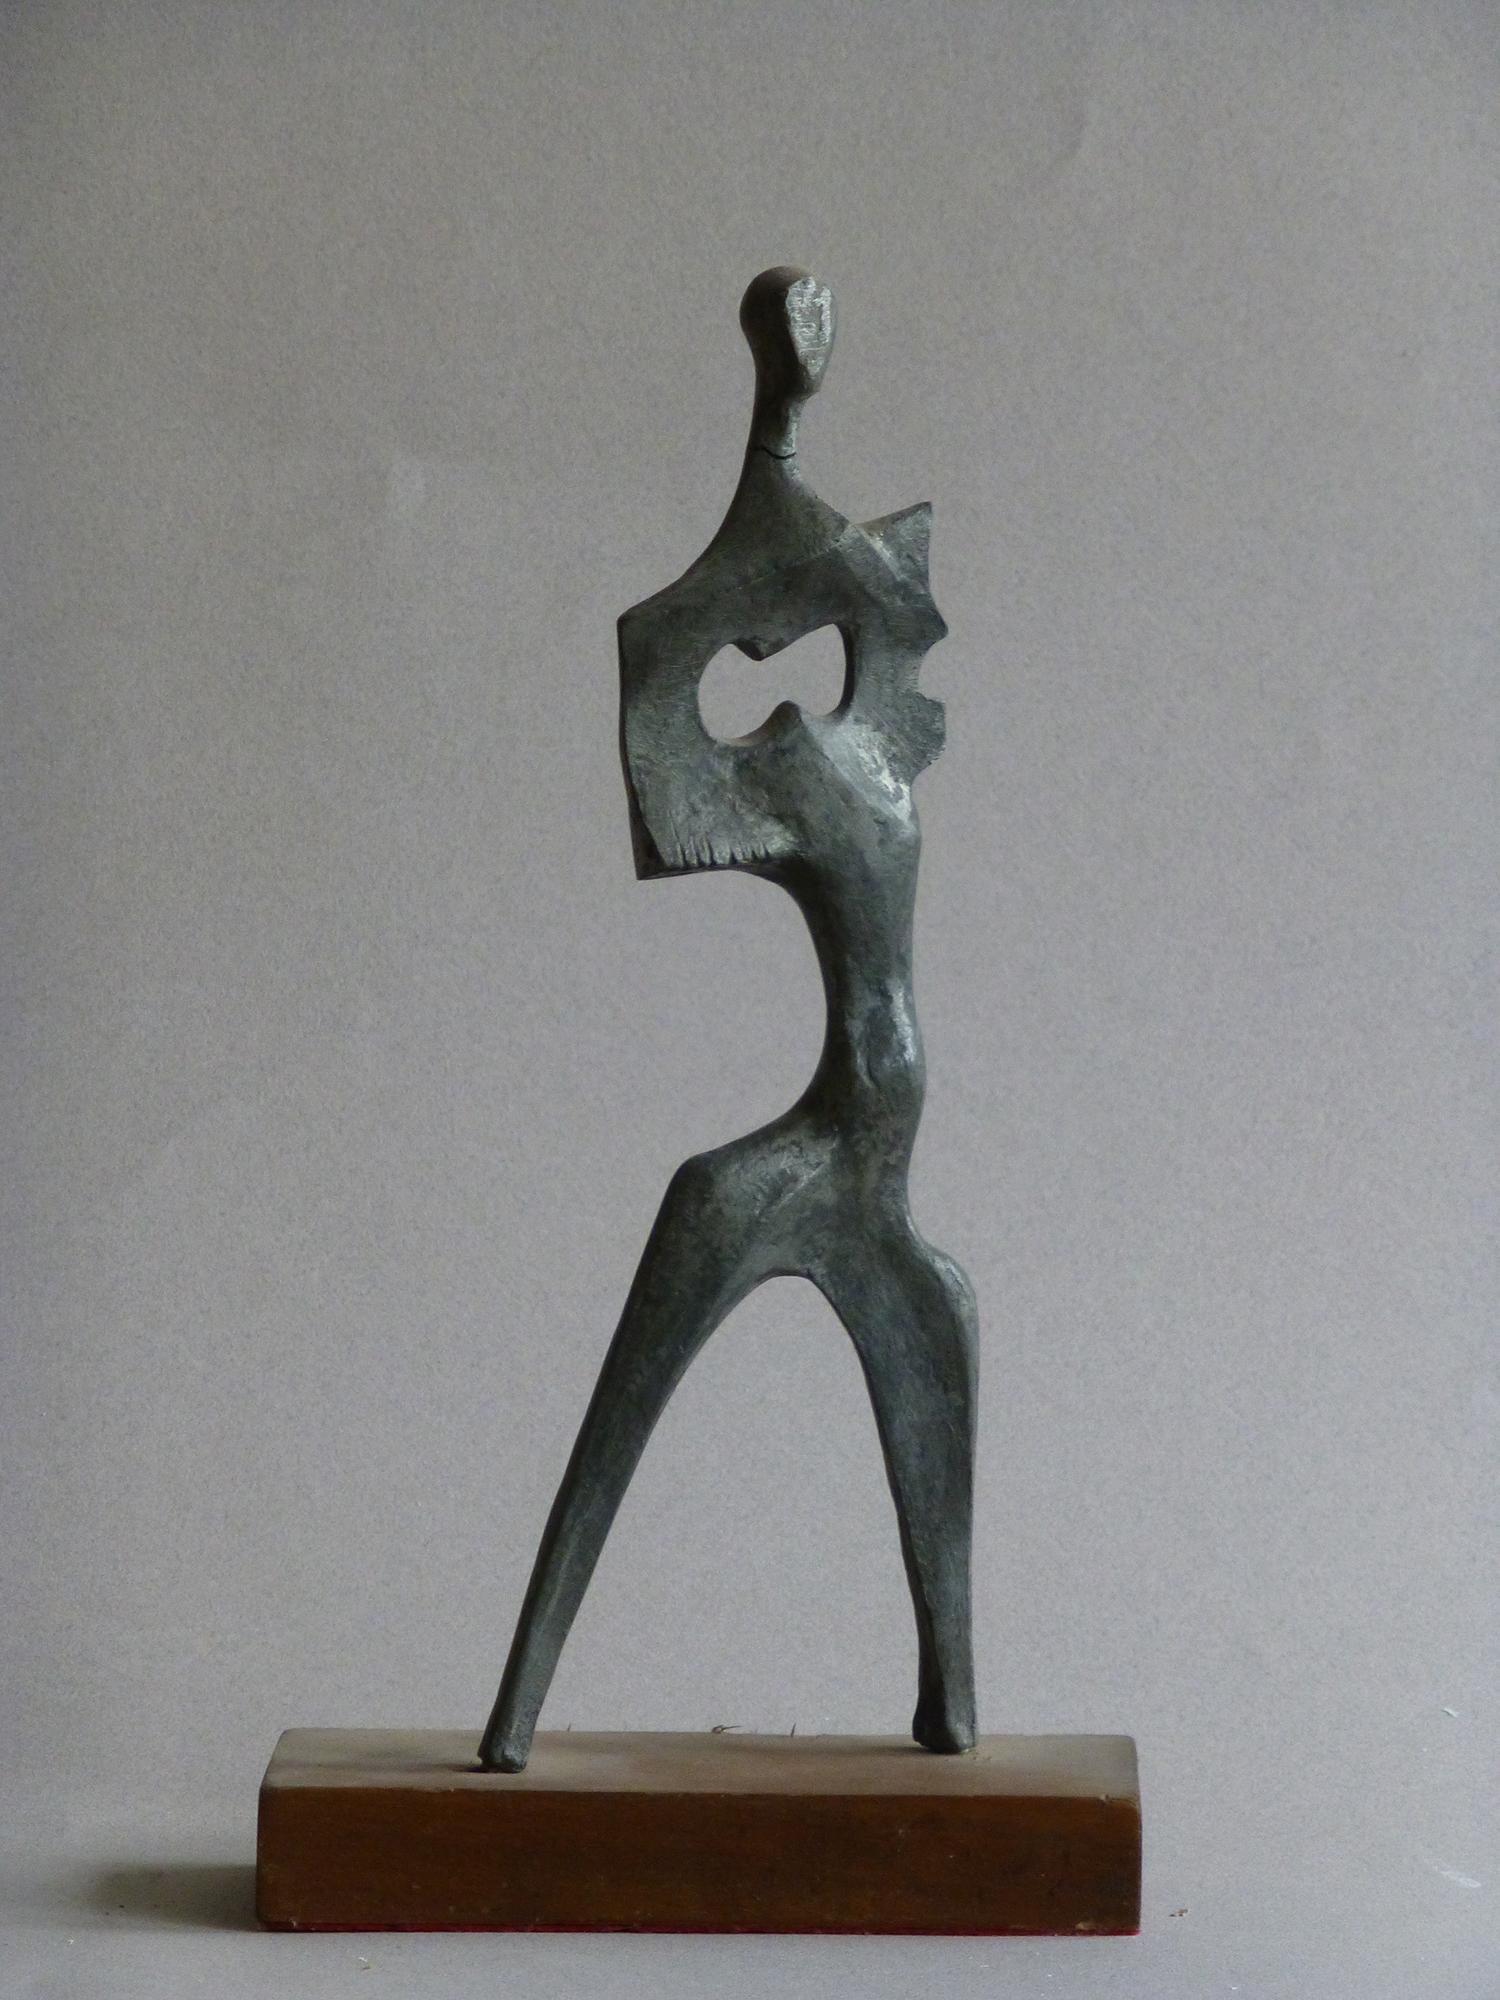 1976.9. Figura con espacio abierto, bronce, aluminio, 26,5x09x03 cm. 1976